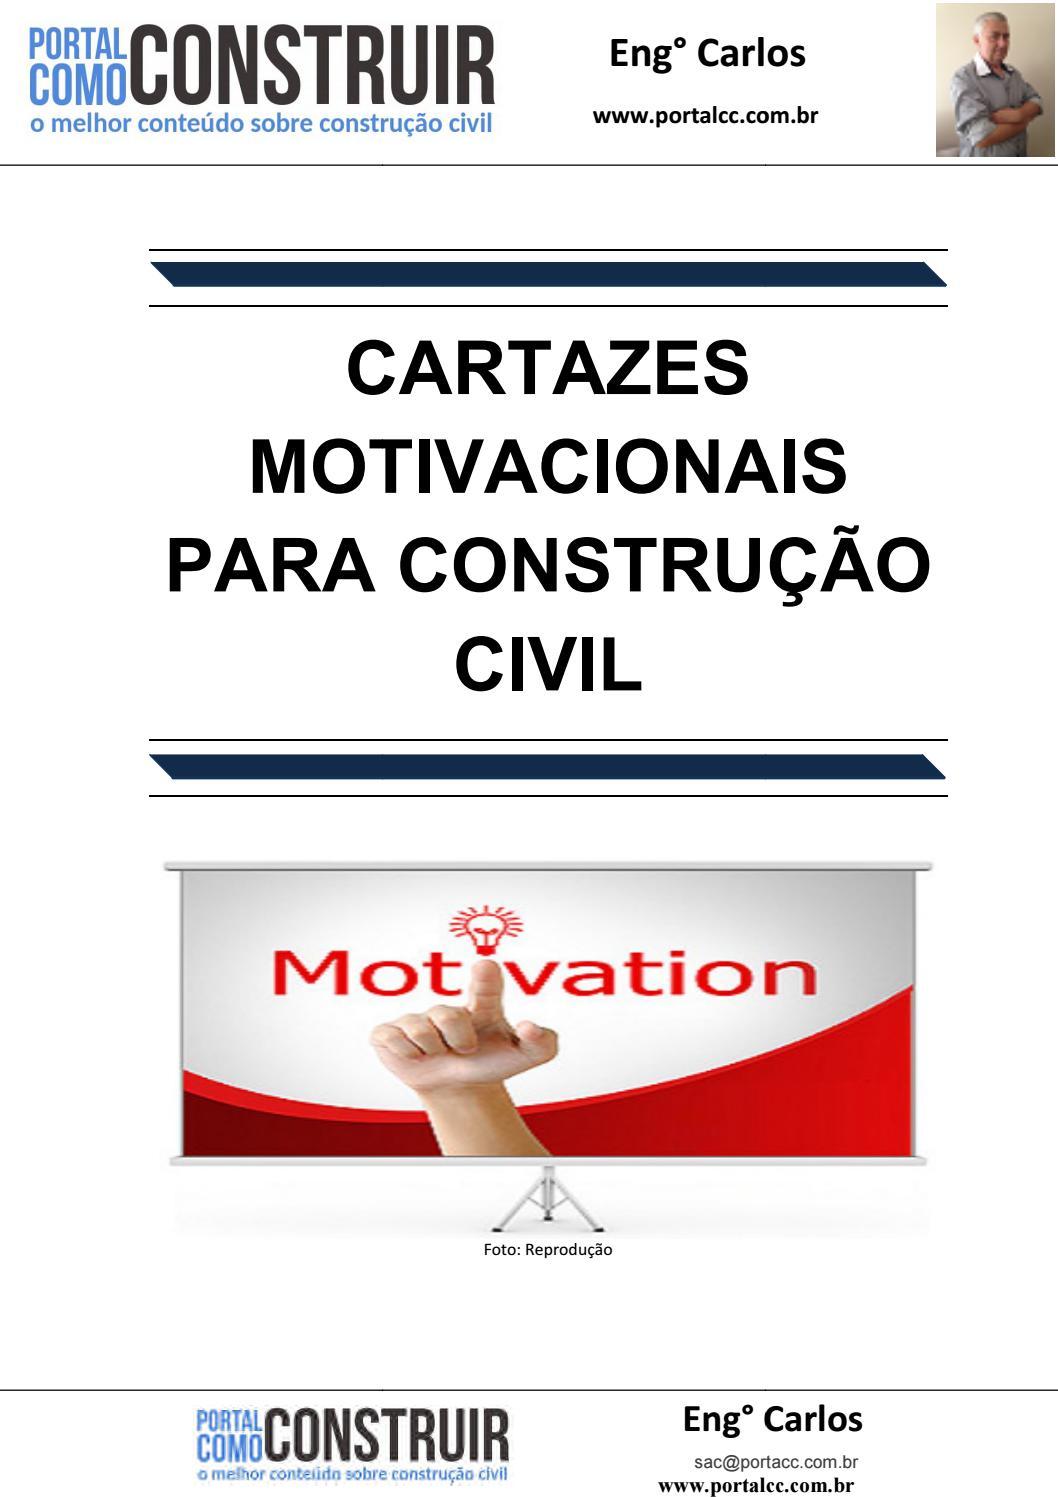 Cartazes Motivacionais Para Construção Civil By Premonta Issuu